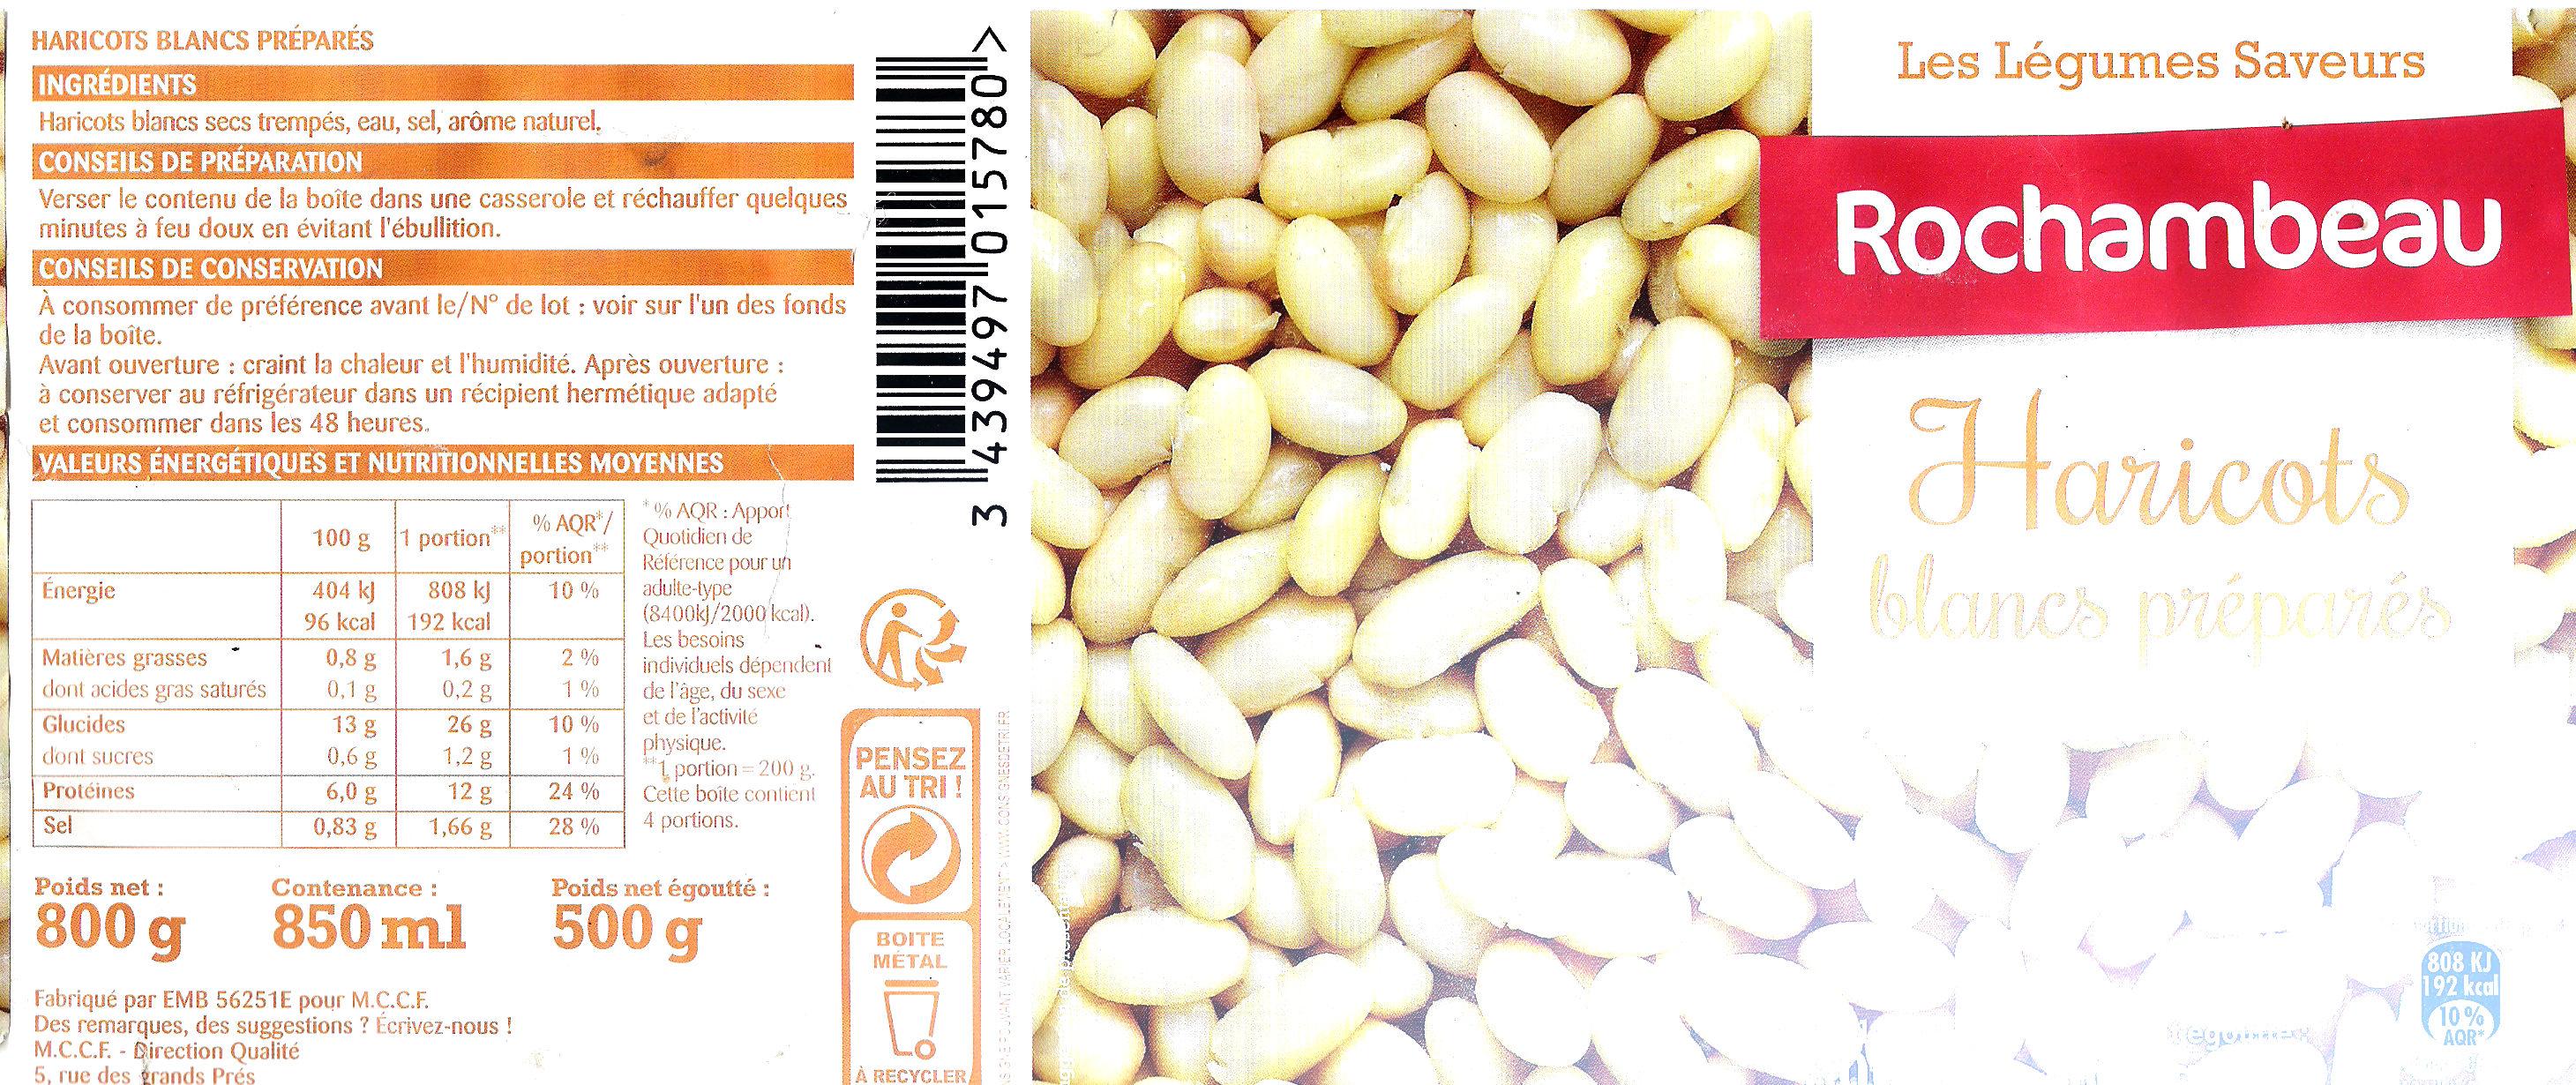 Rochambeau Haricots blancs préparés - Produit